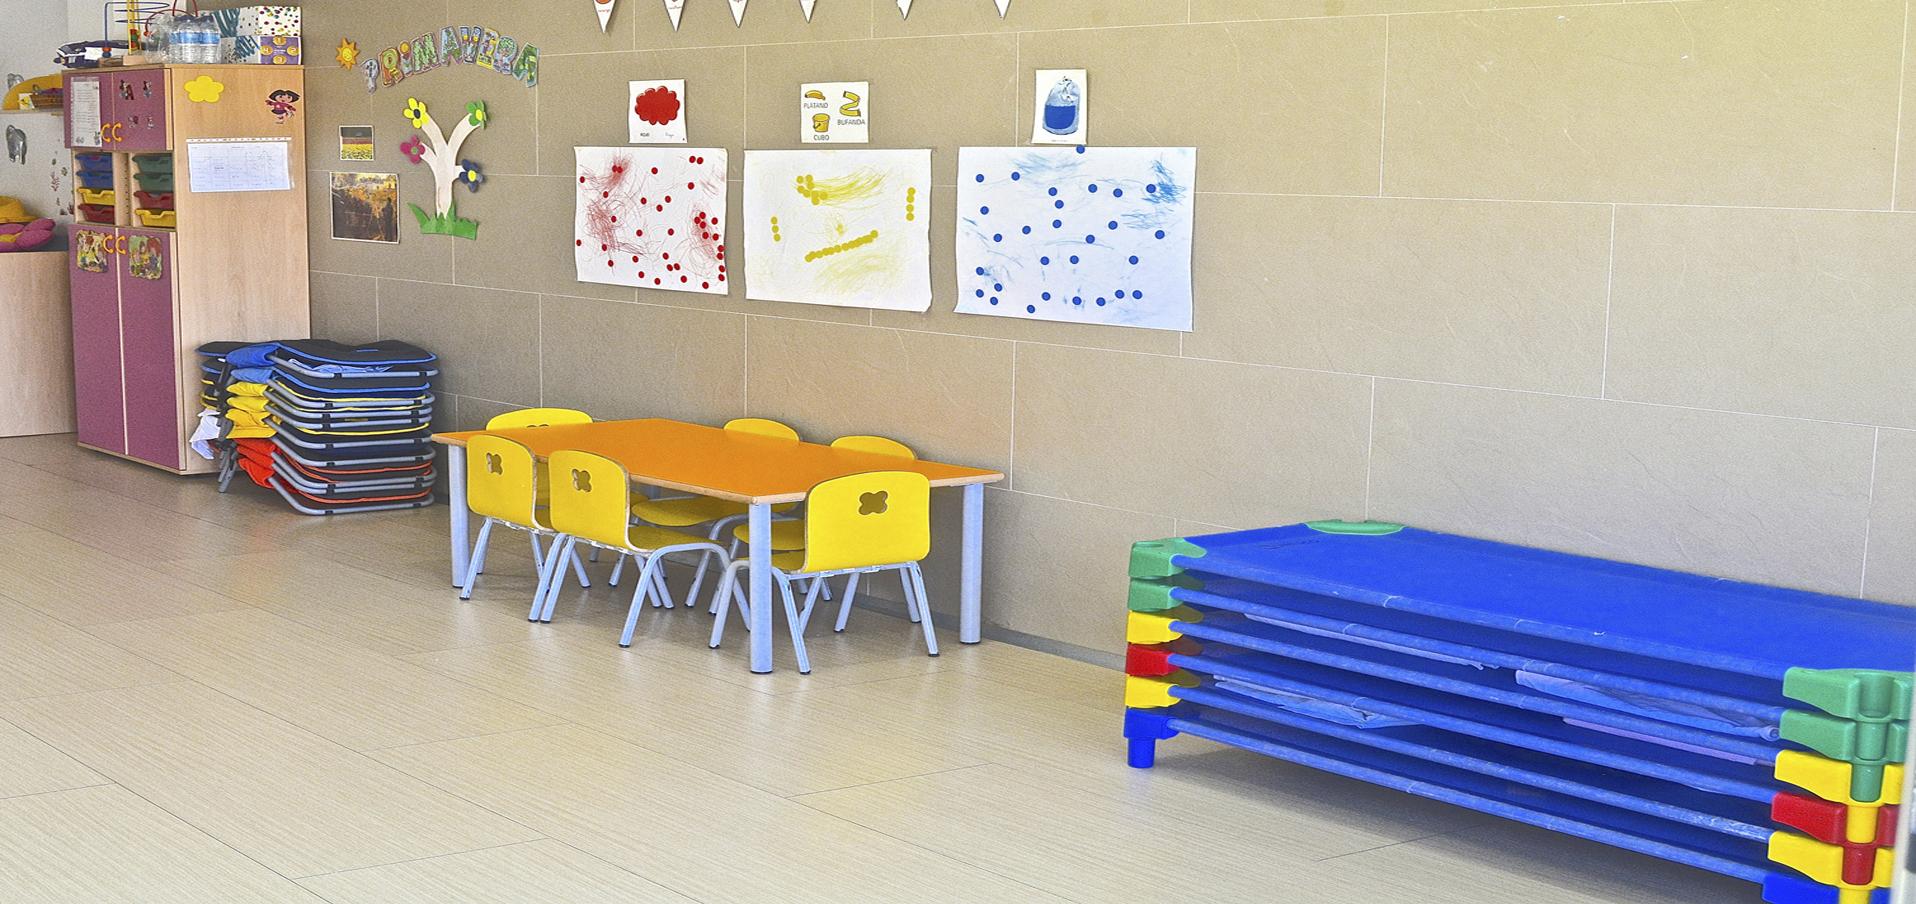 Escuelas infantiles Valencia con aprendizaje de ingles